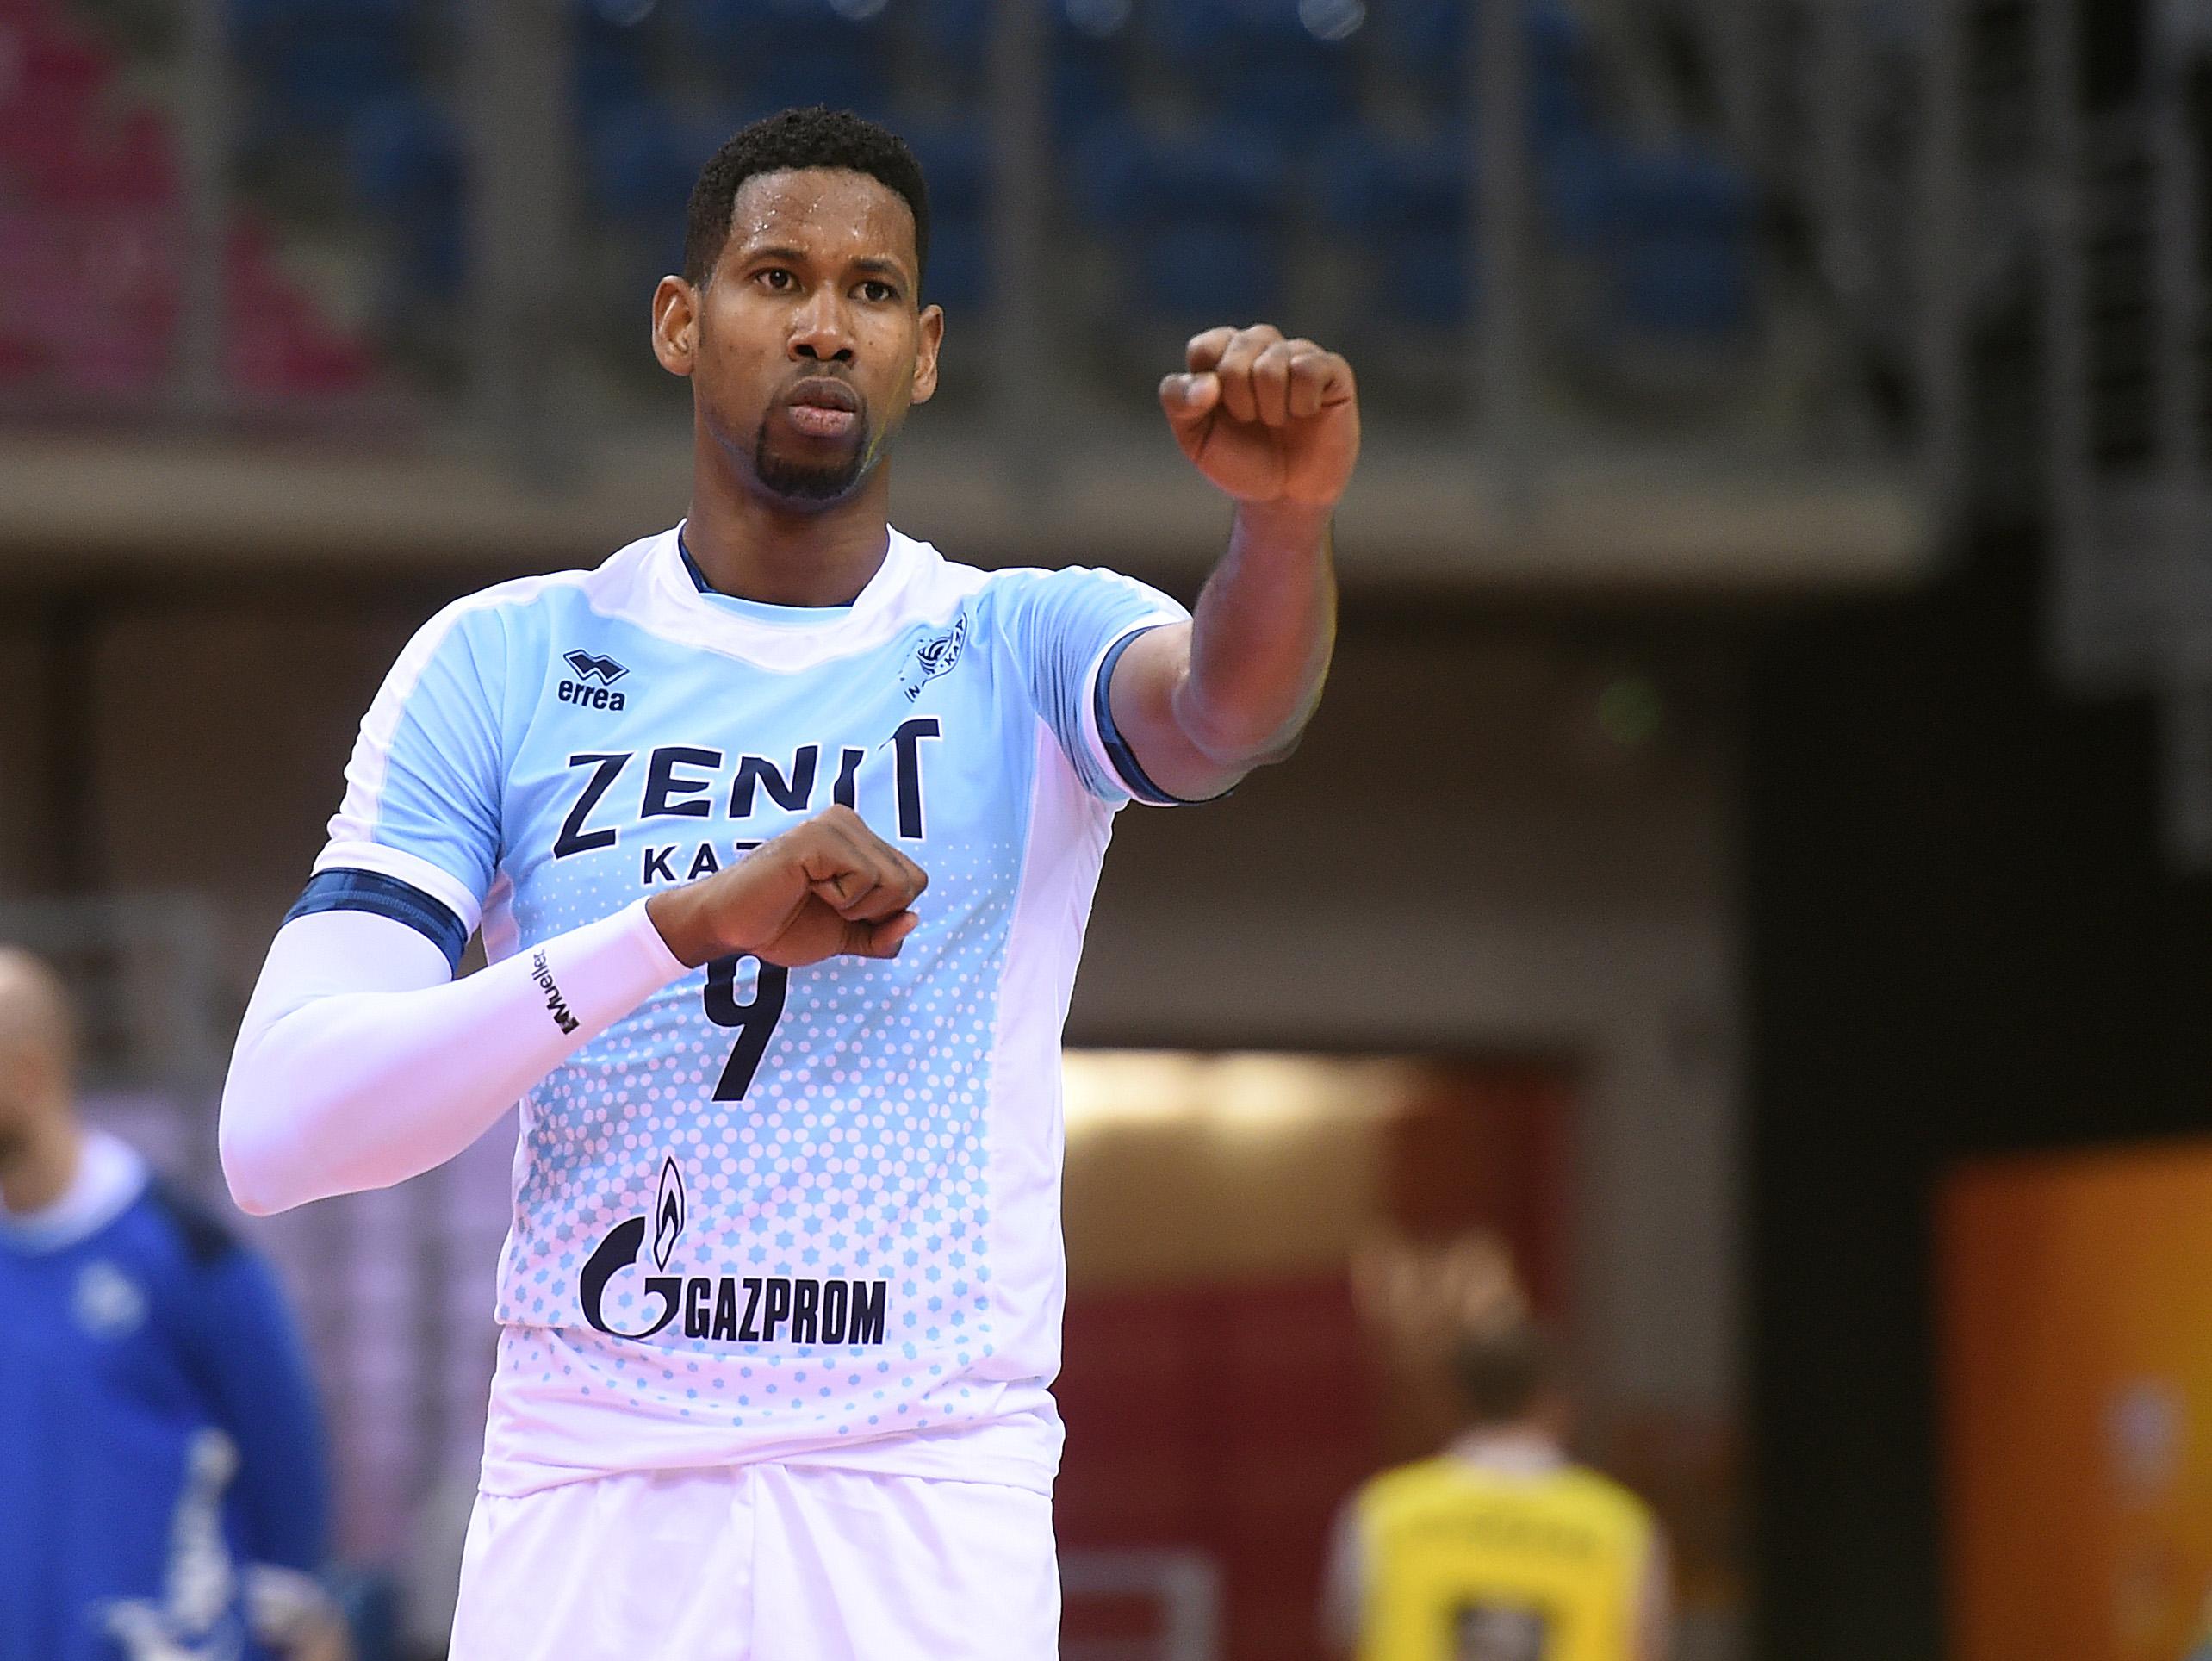 f4394538cbb7c León ganhou todos os títulos possíveis enquanto atuava pelo russo Zenit  Kazan (Foto  Divulgação FIVB)